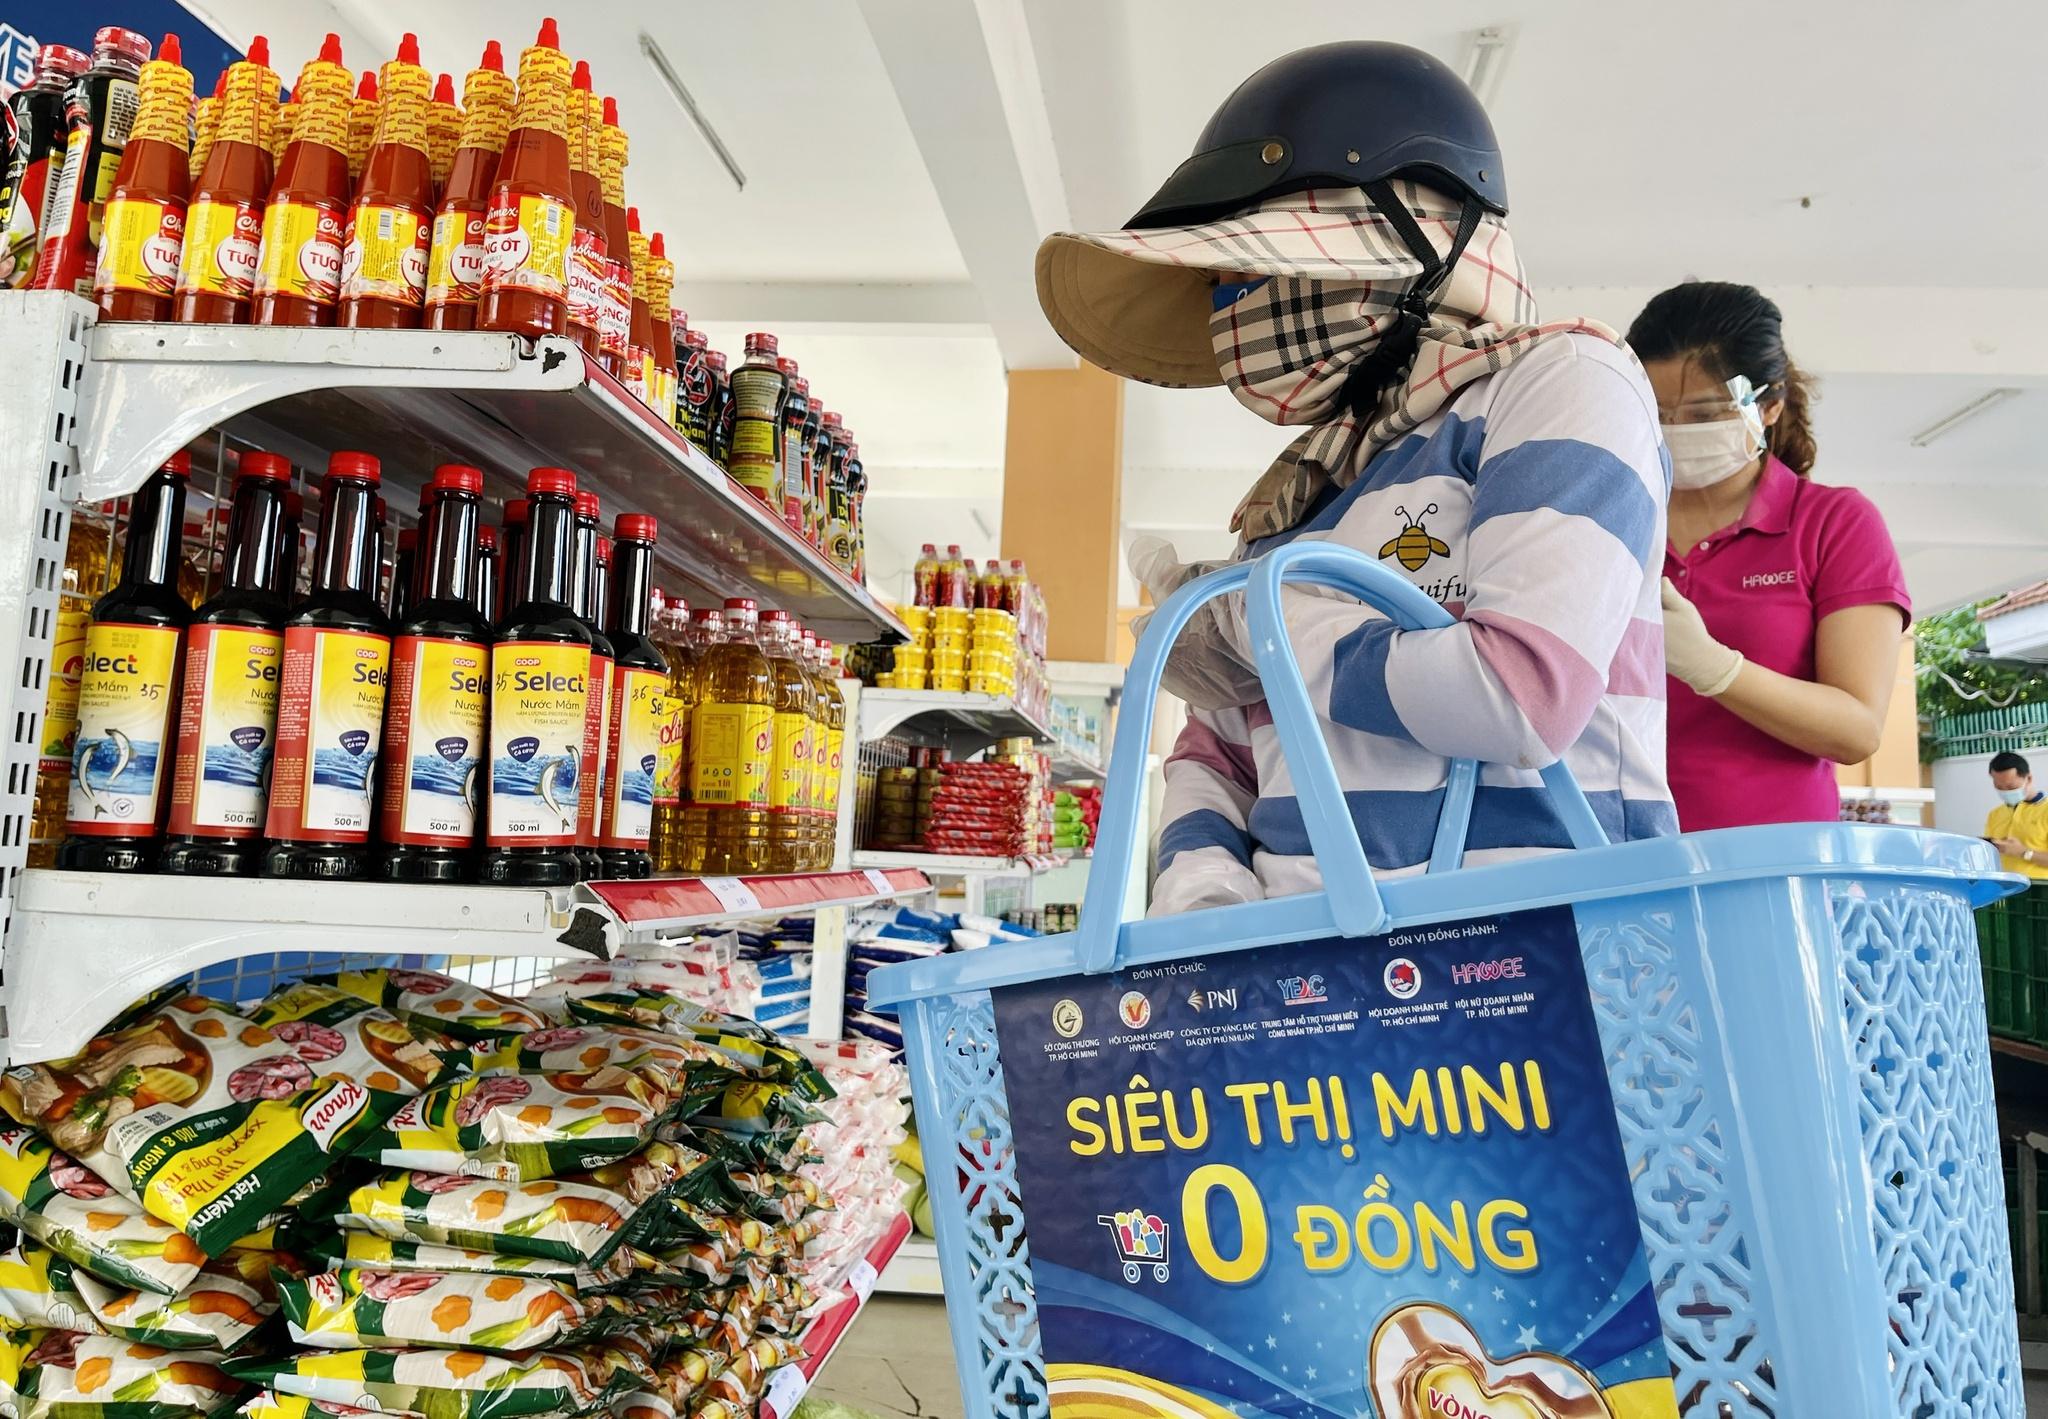 Giữa dịch Covid-19: Người Sài Gòn bật khóc ở siêu thị 0 đồng khi được mua đến 400.000 đồng - ảnh 5